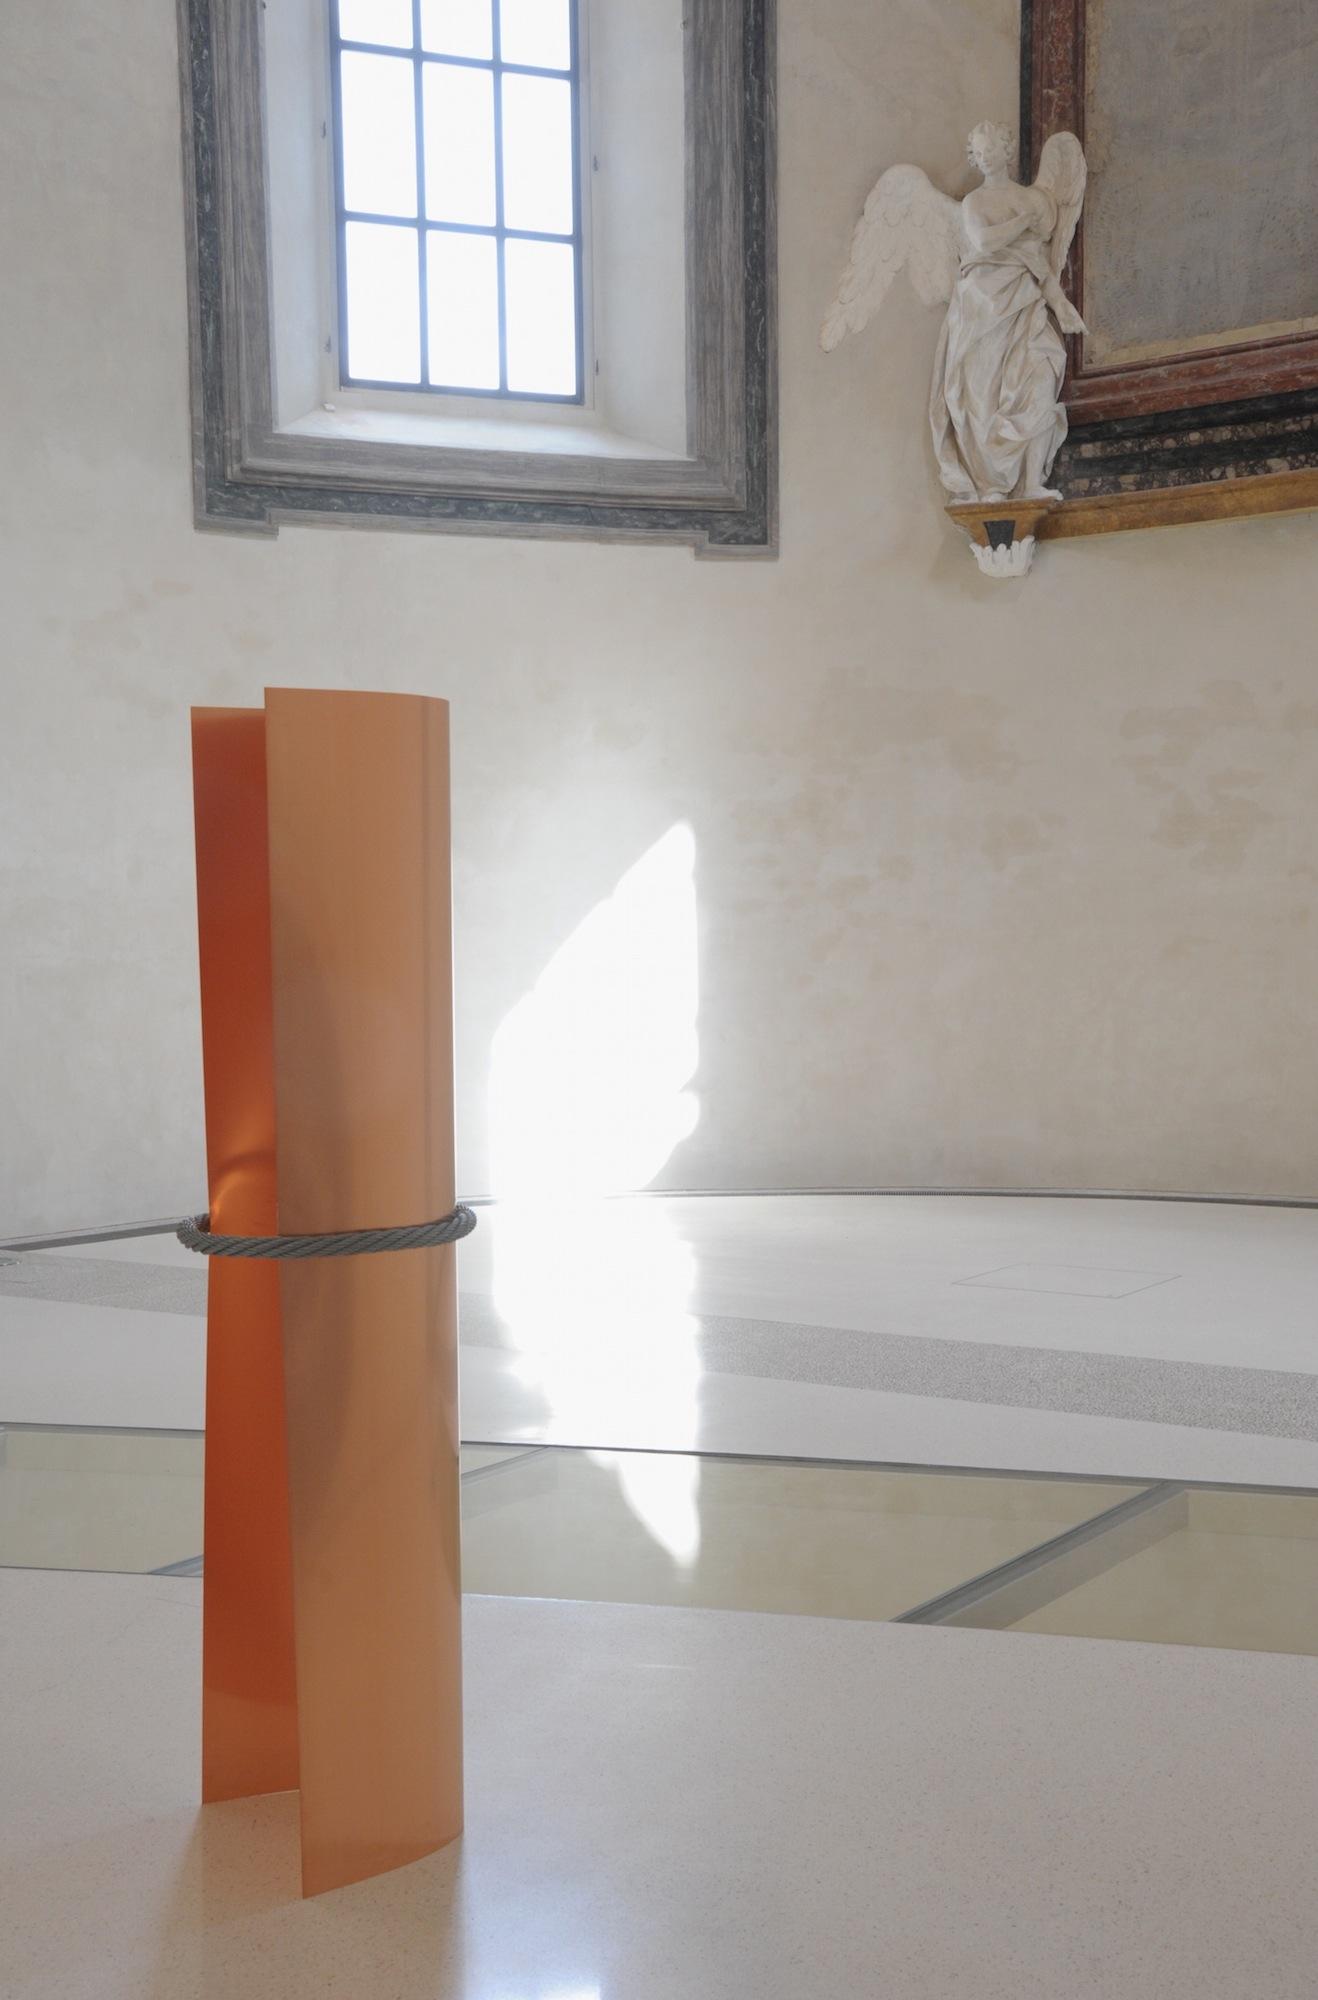 Verticale 2000-2016 , rame, ferro, cm 200 x 50 ∅. © Luca Massari